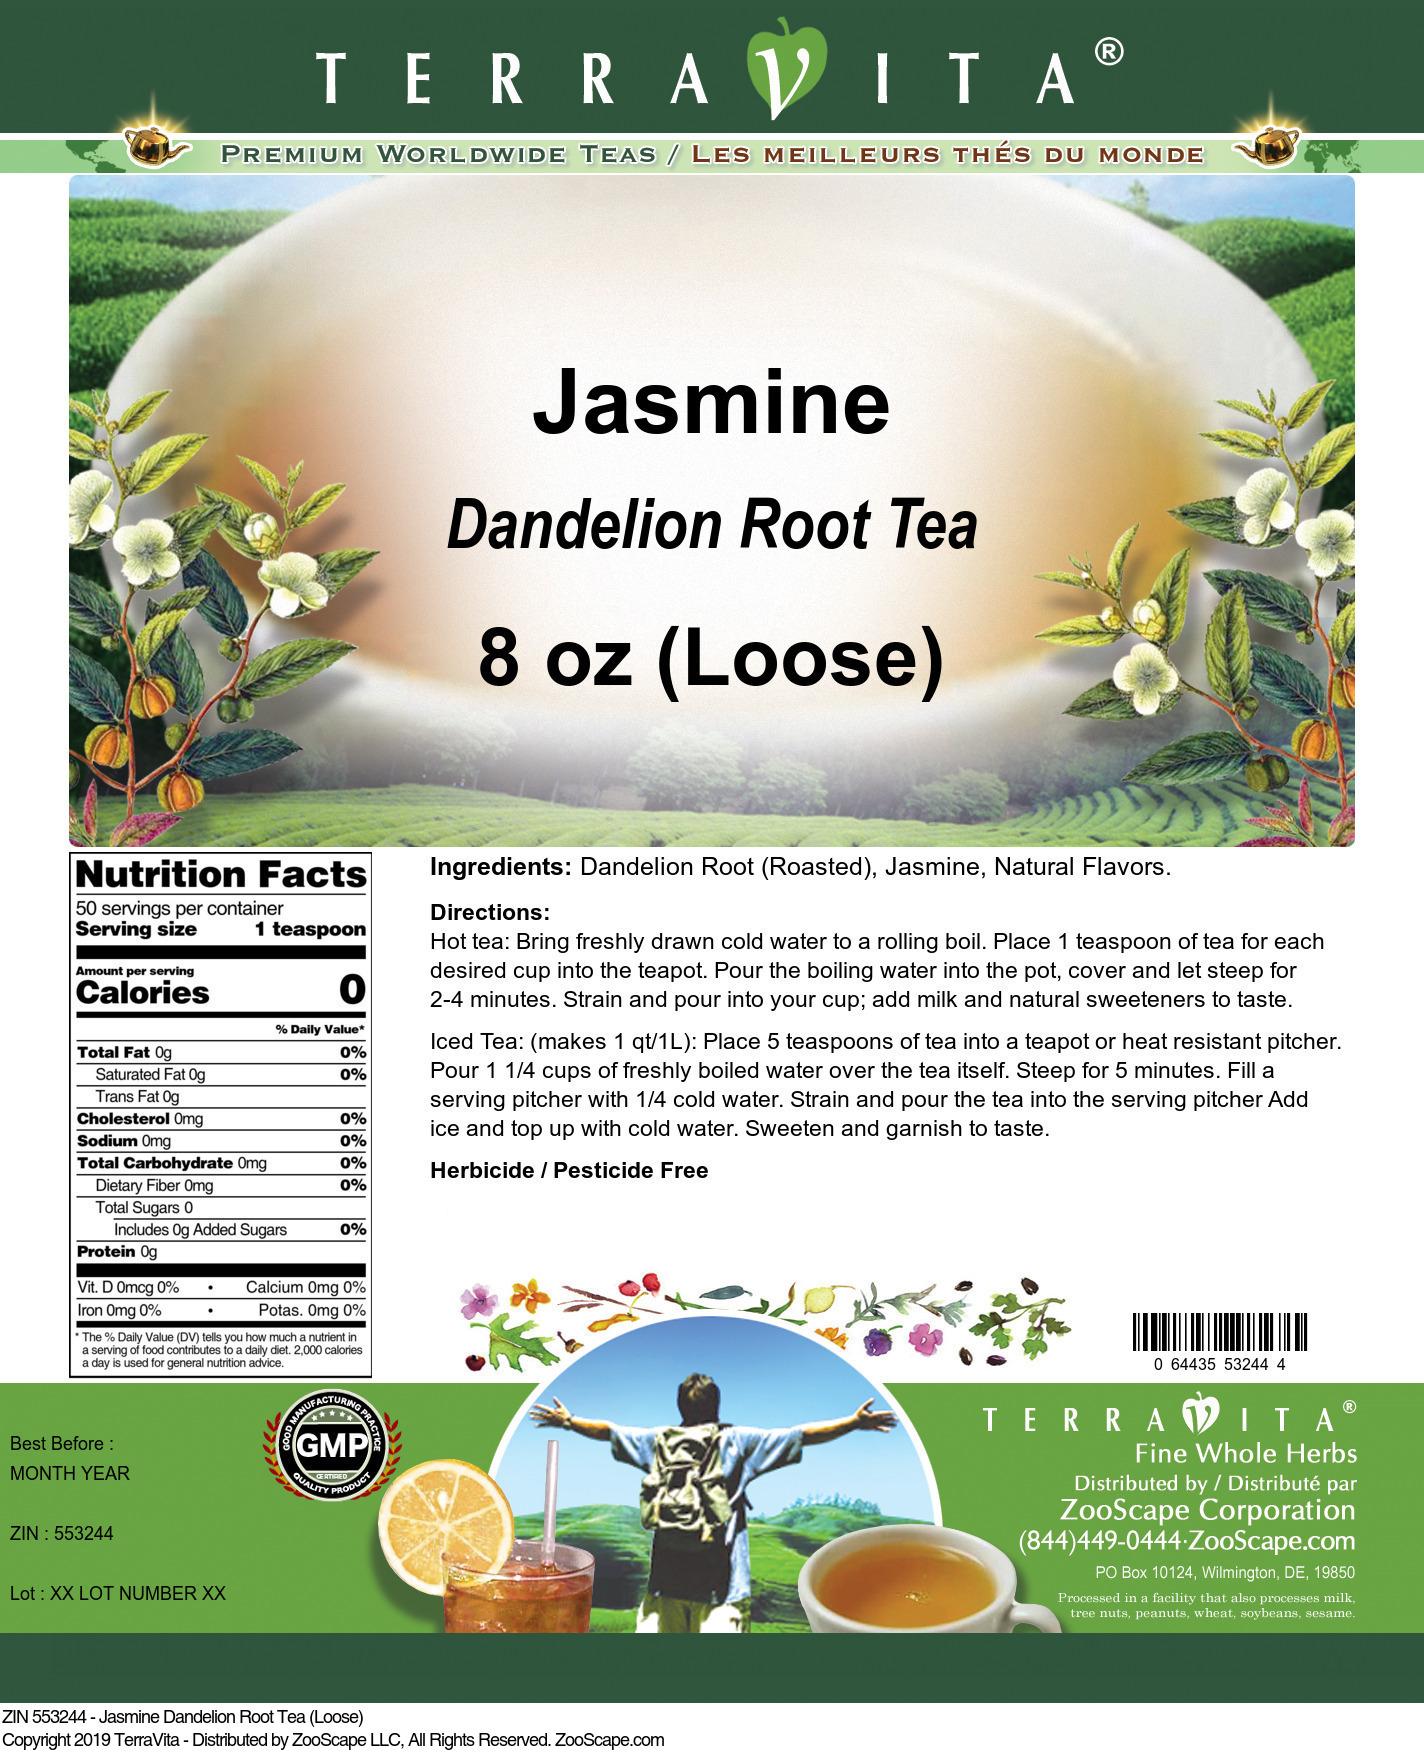 Jasmine Dandelion Root Tea (Loose)